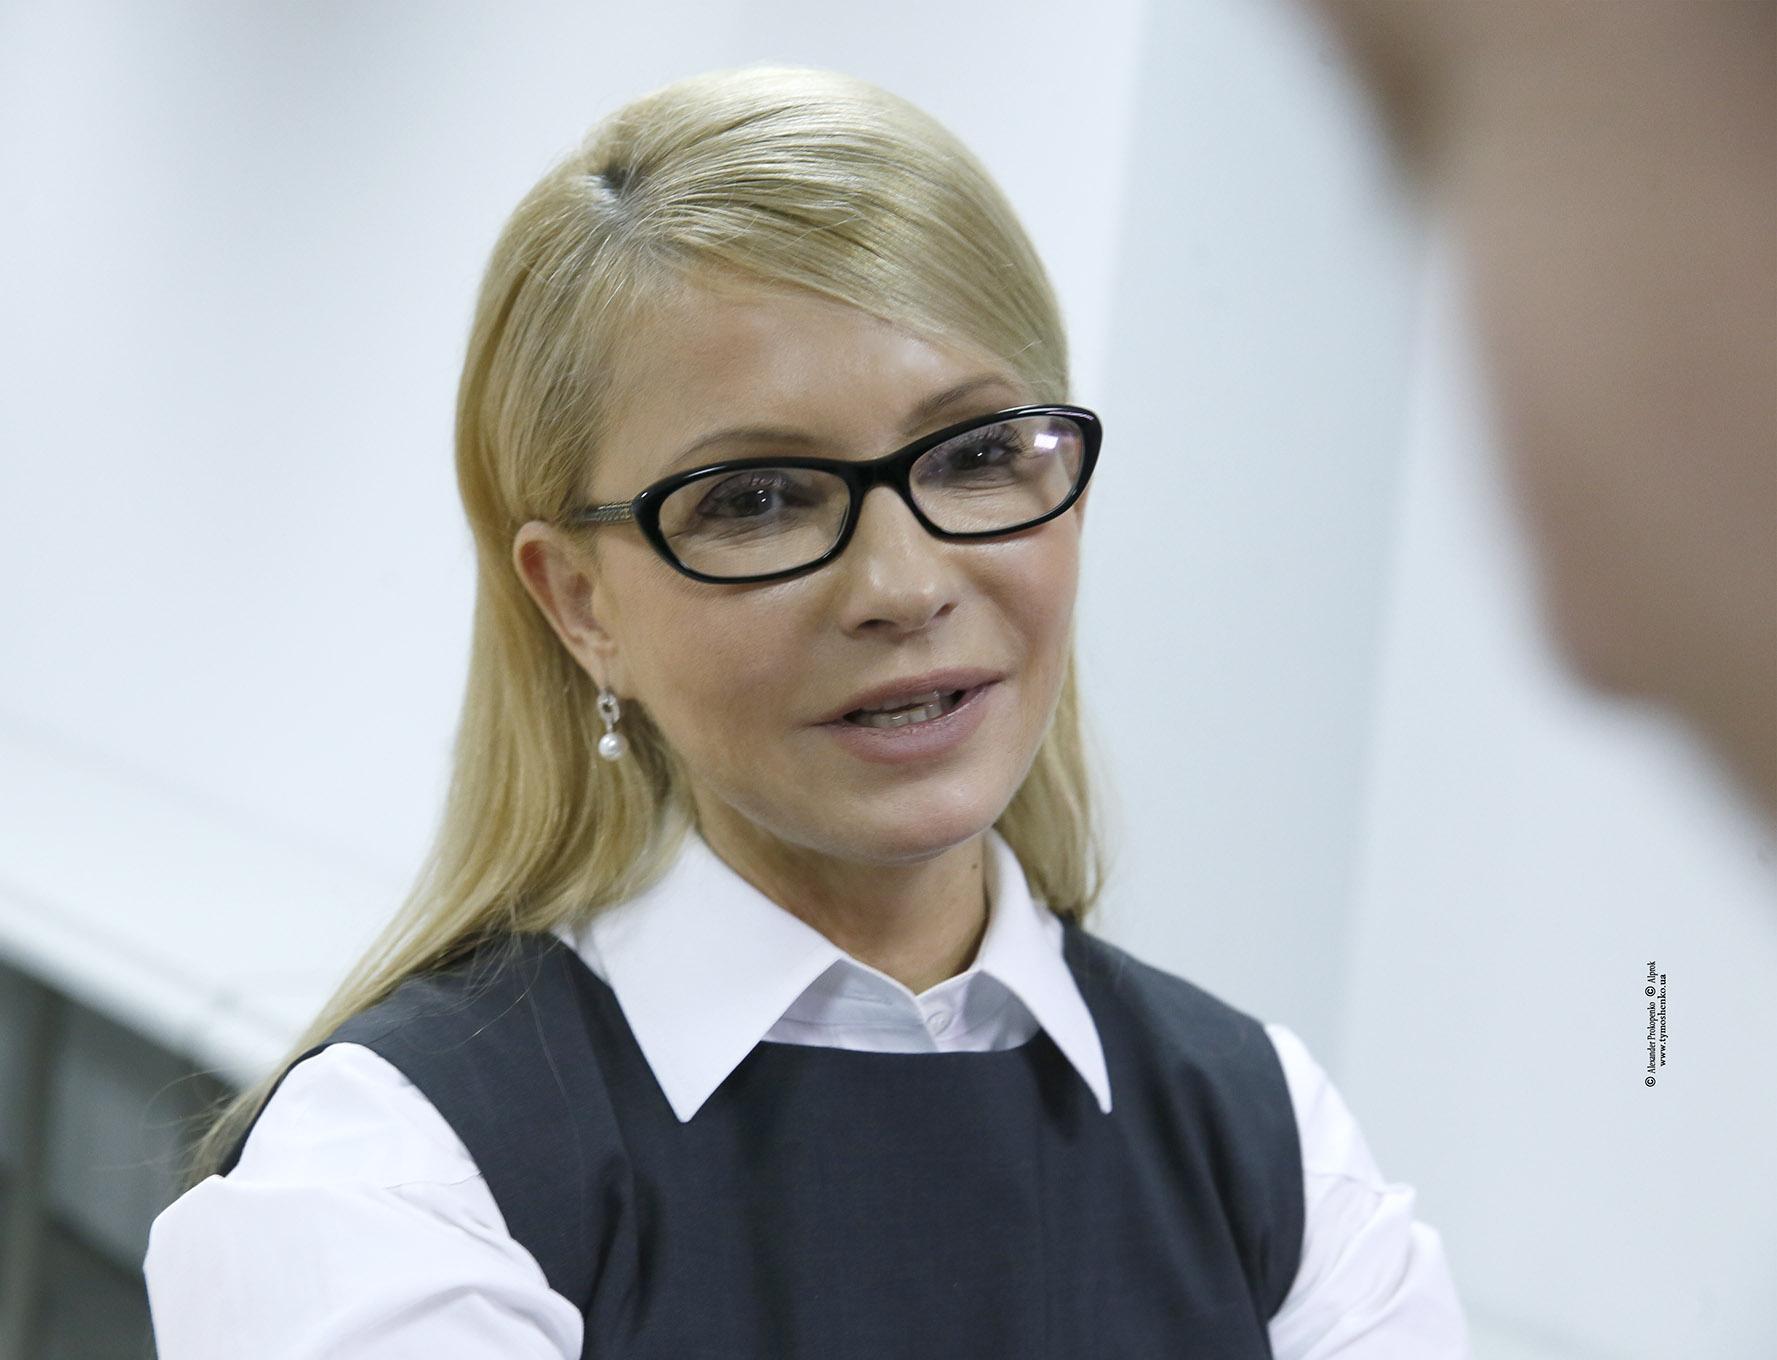 Тимошенко захищає бізнесмена Онищенко і звинувачує НАБУ в замовленні